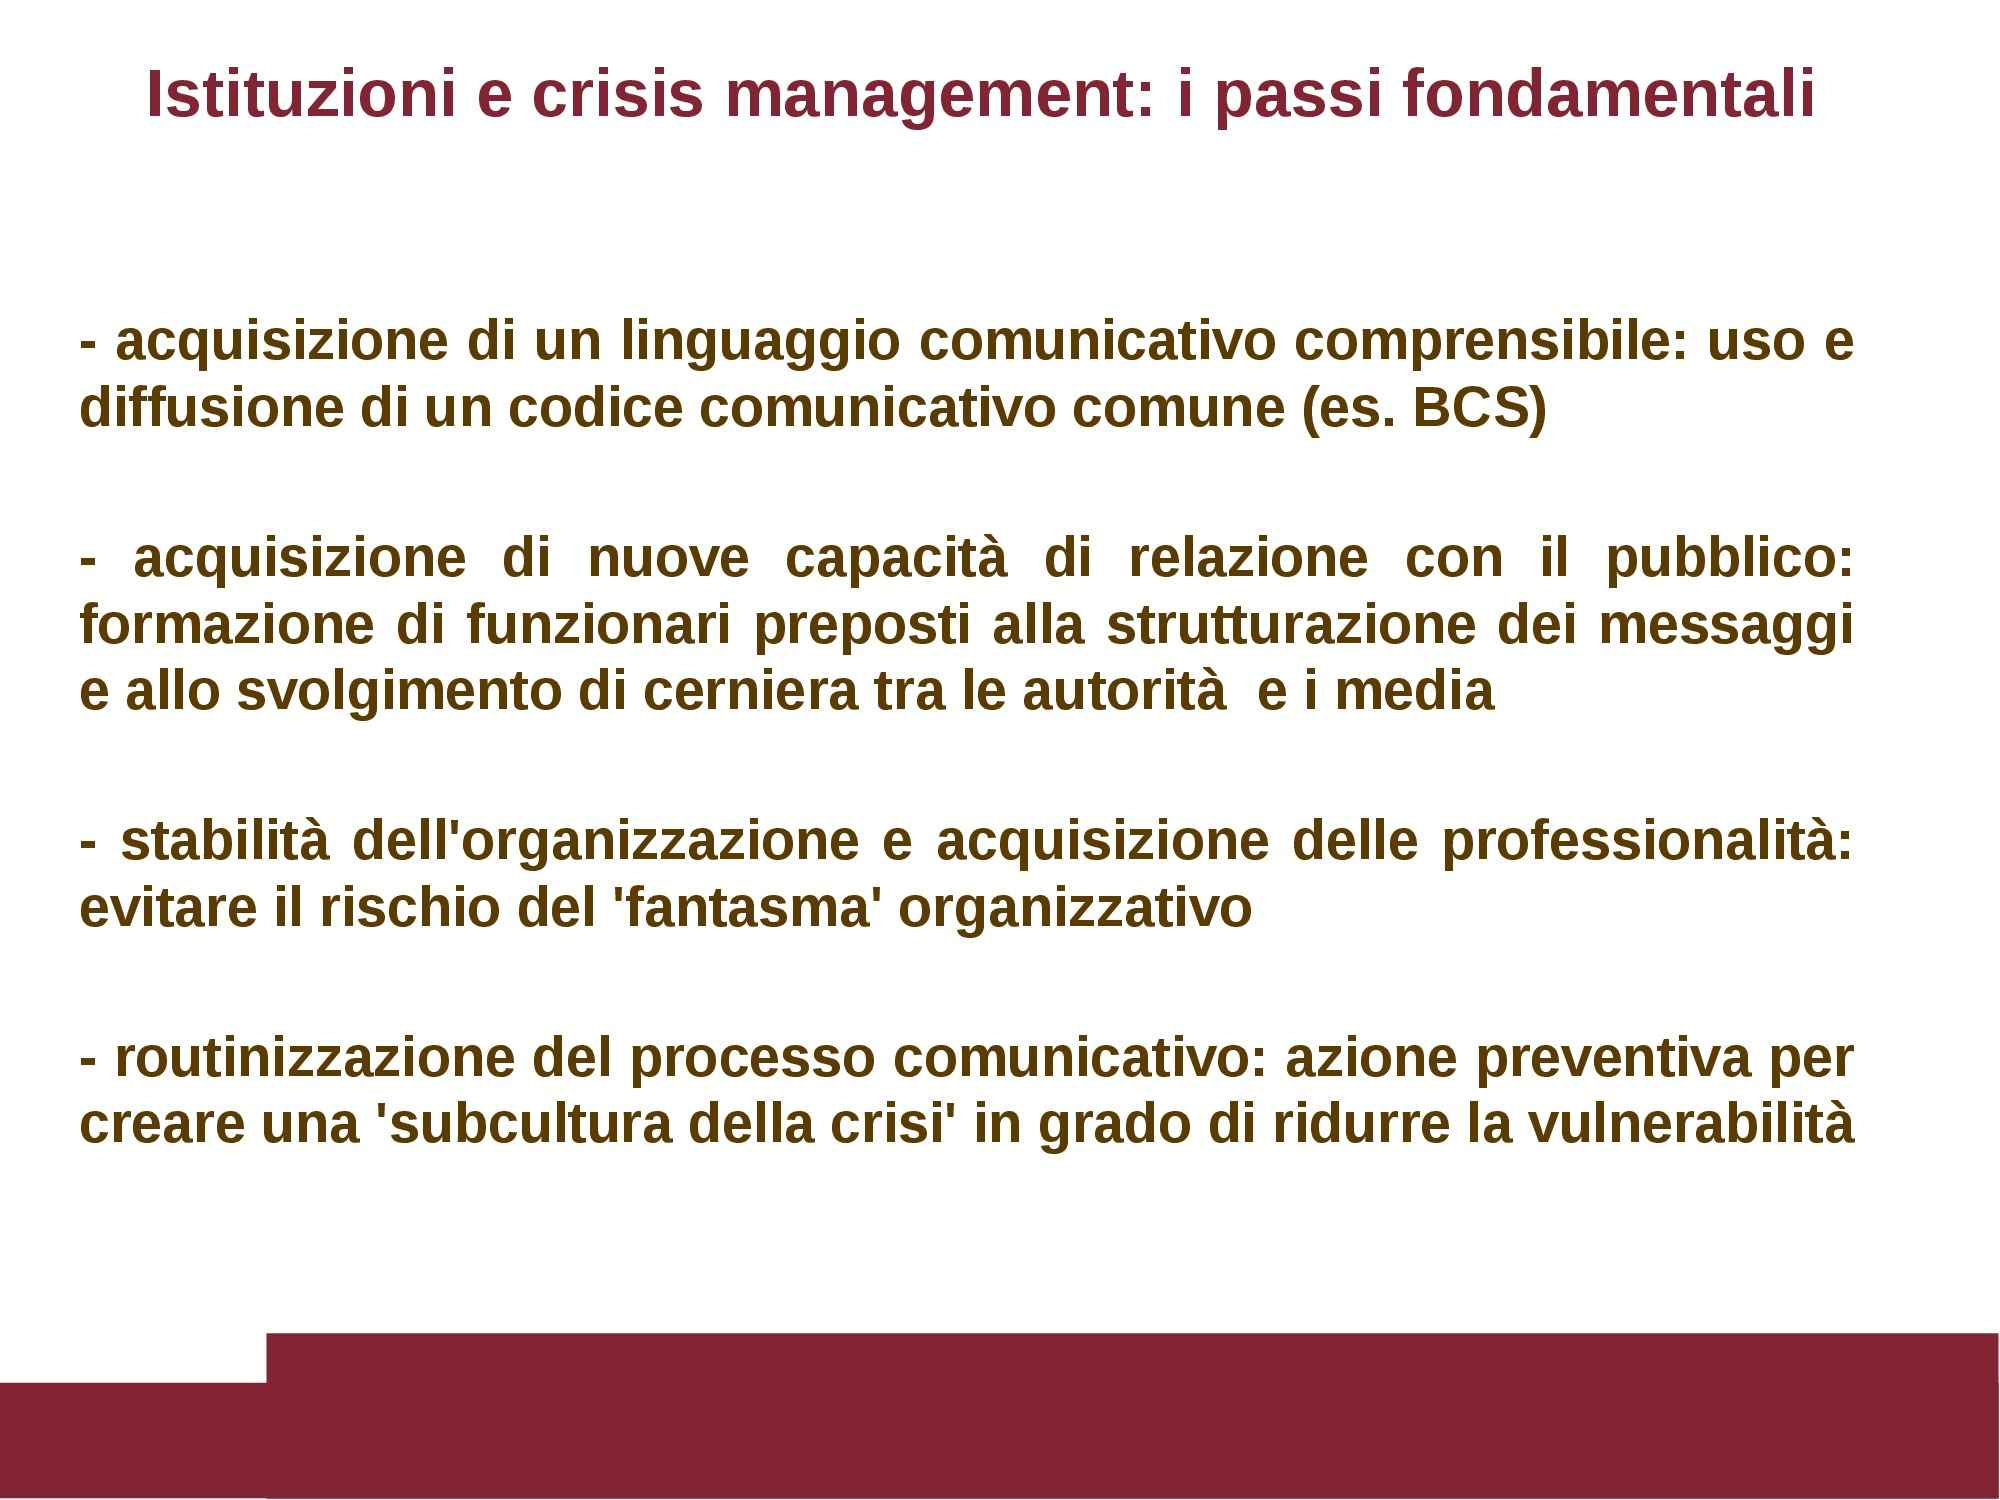 Comunicazione di emergenza e rischio